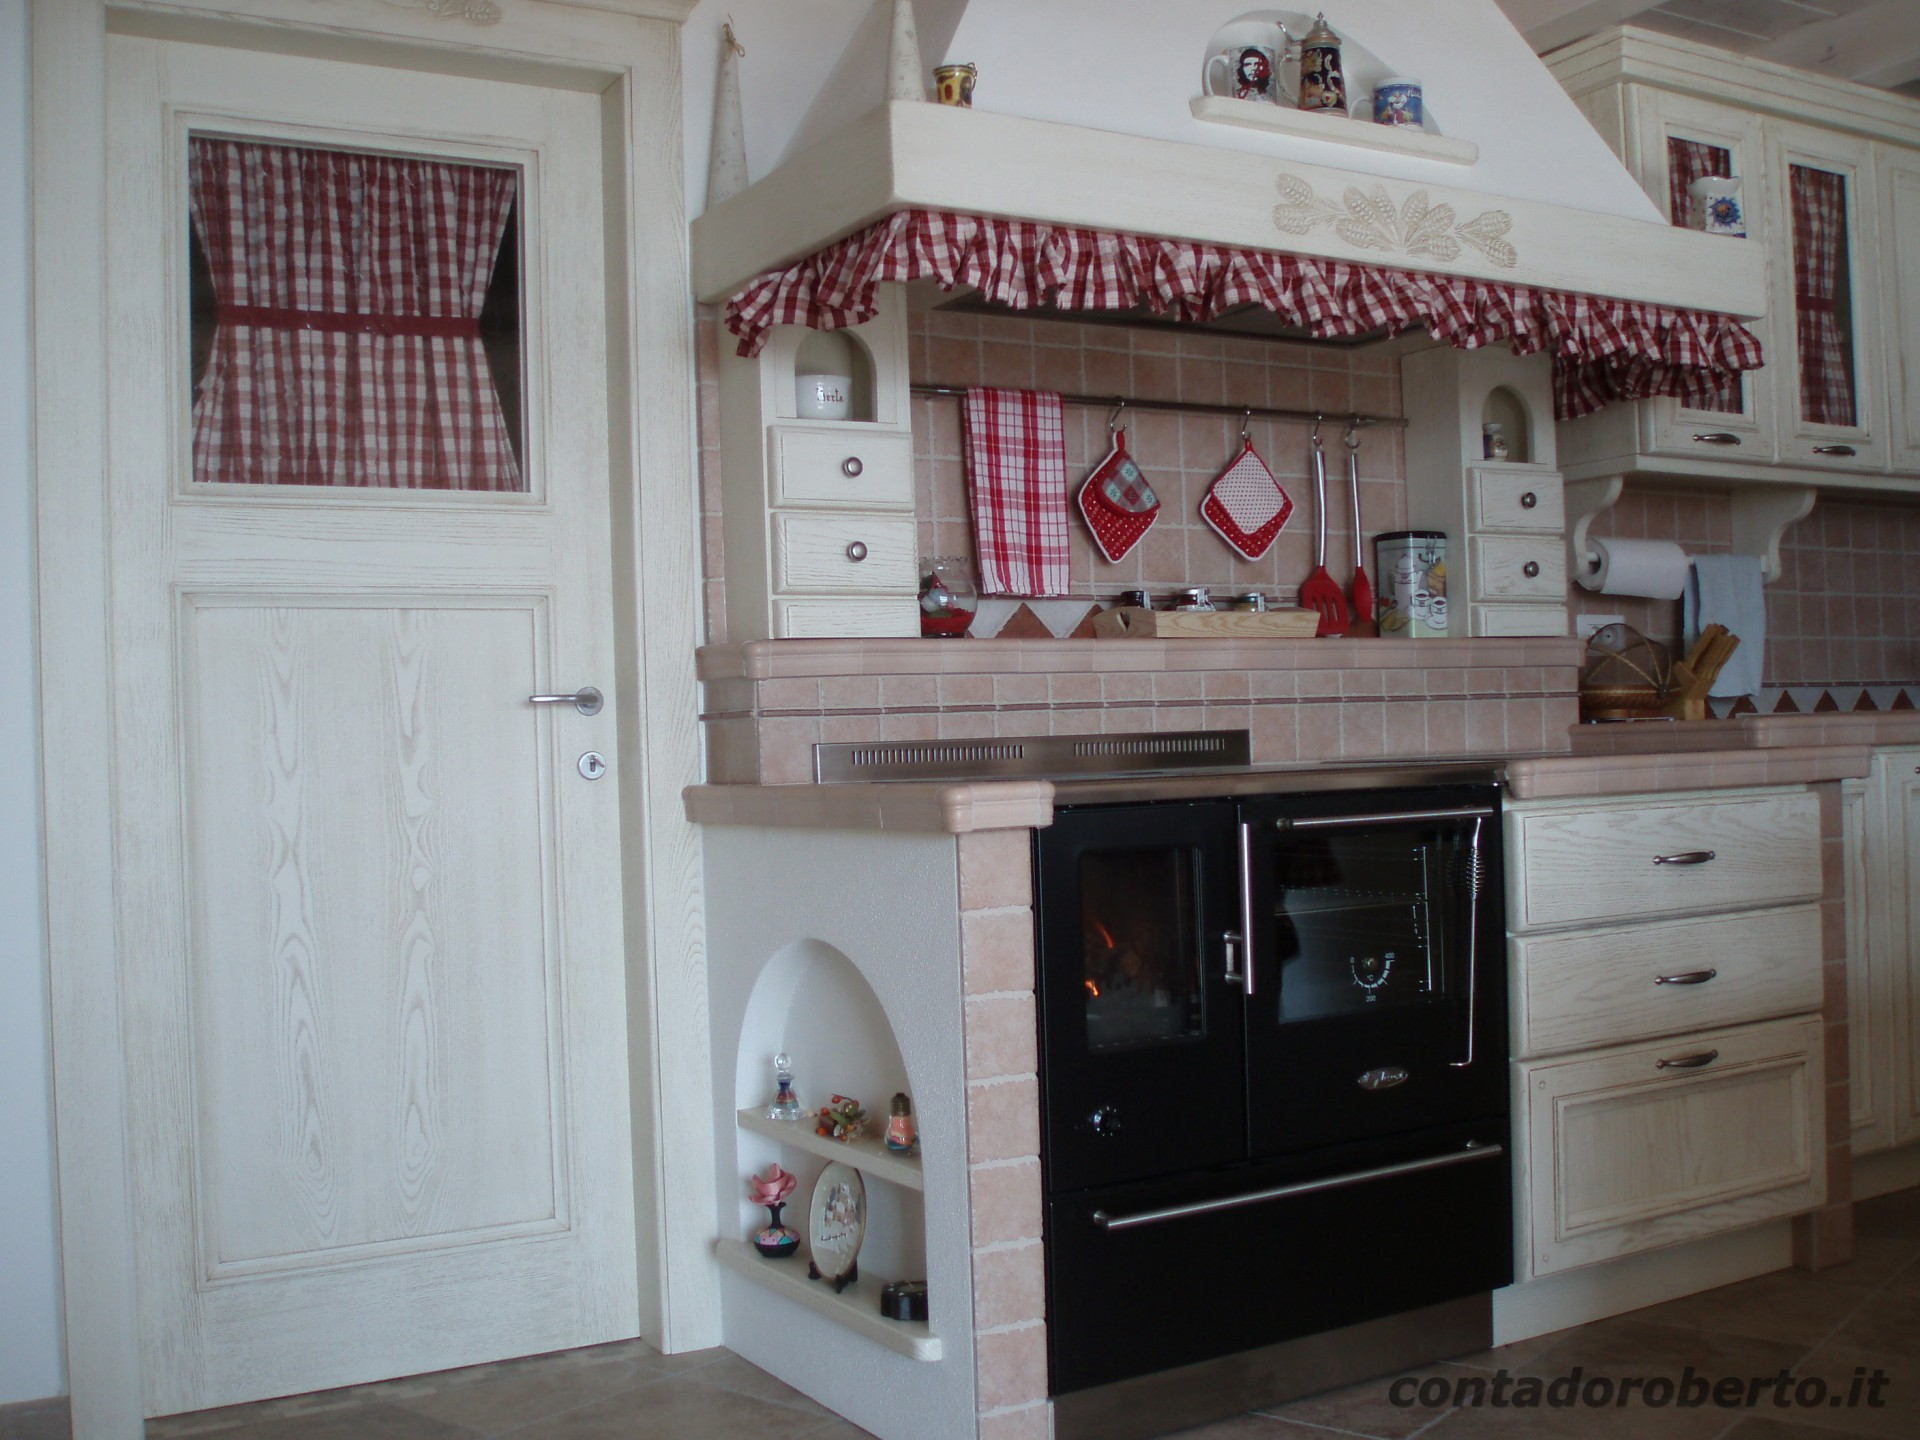 Cucina in Muratura Sotto Soppalco  Contado Roberto Group  Cucine e arredamenti su misura in legno